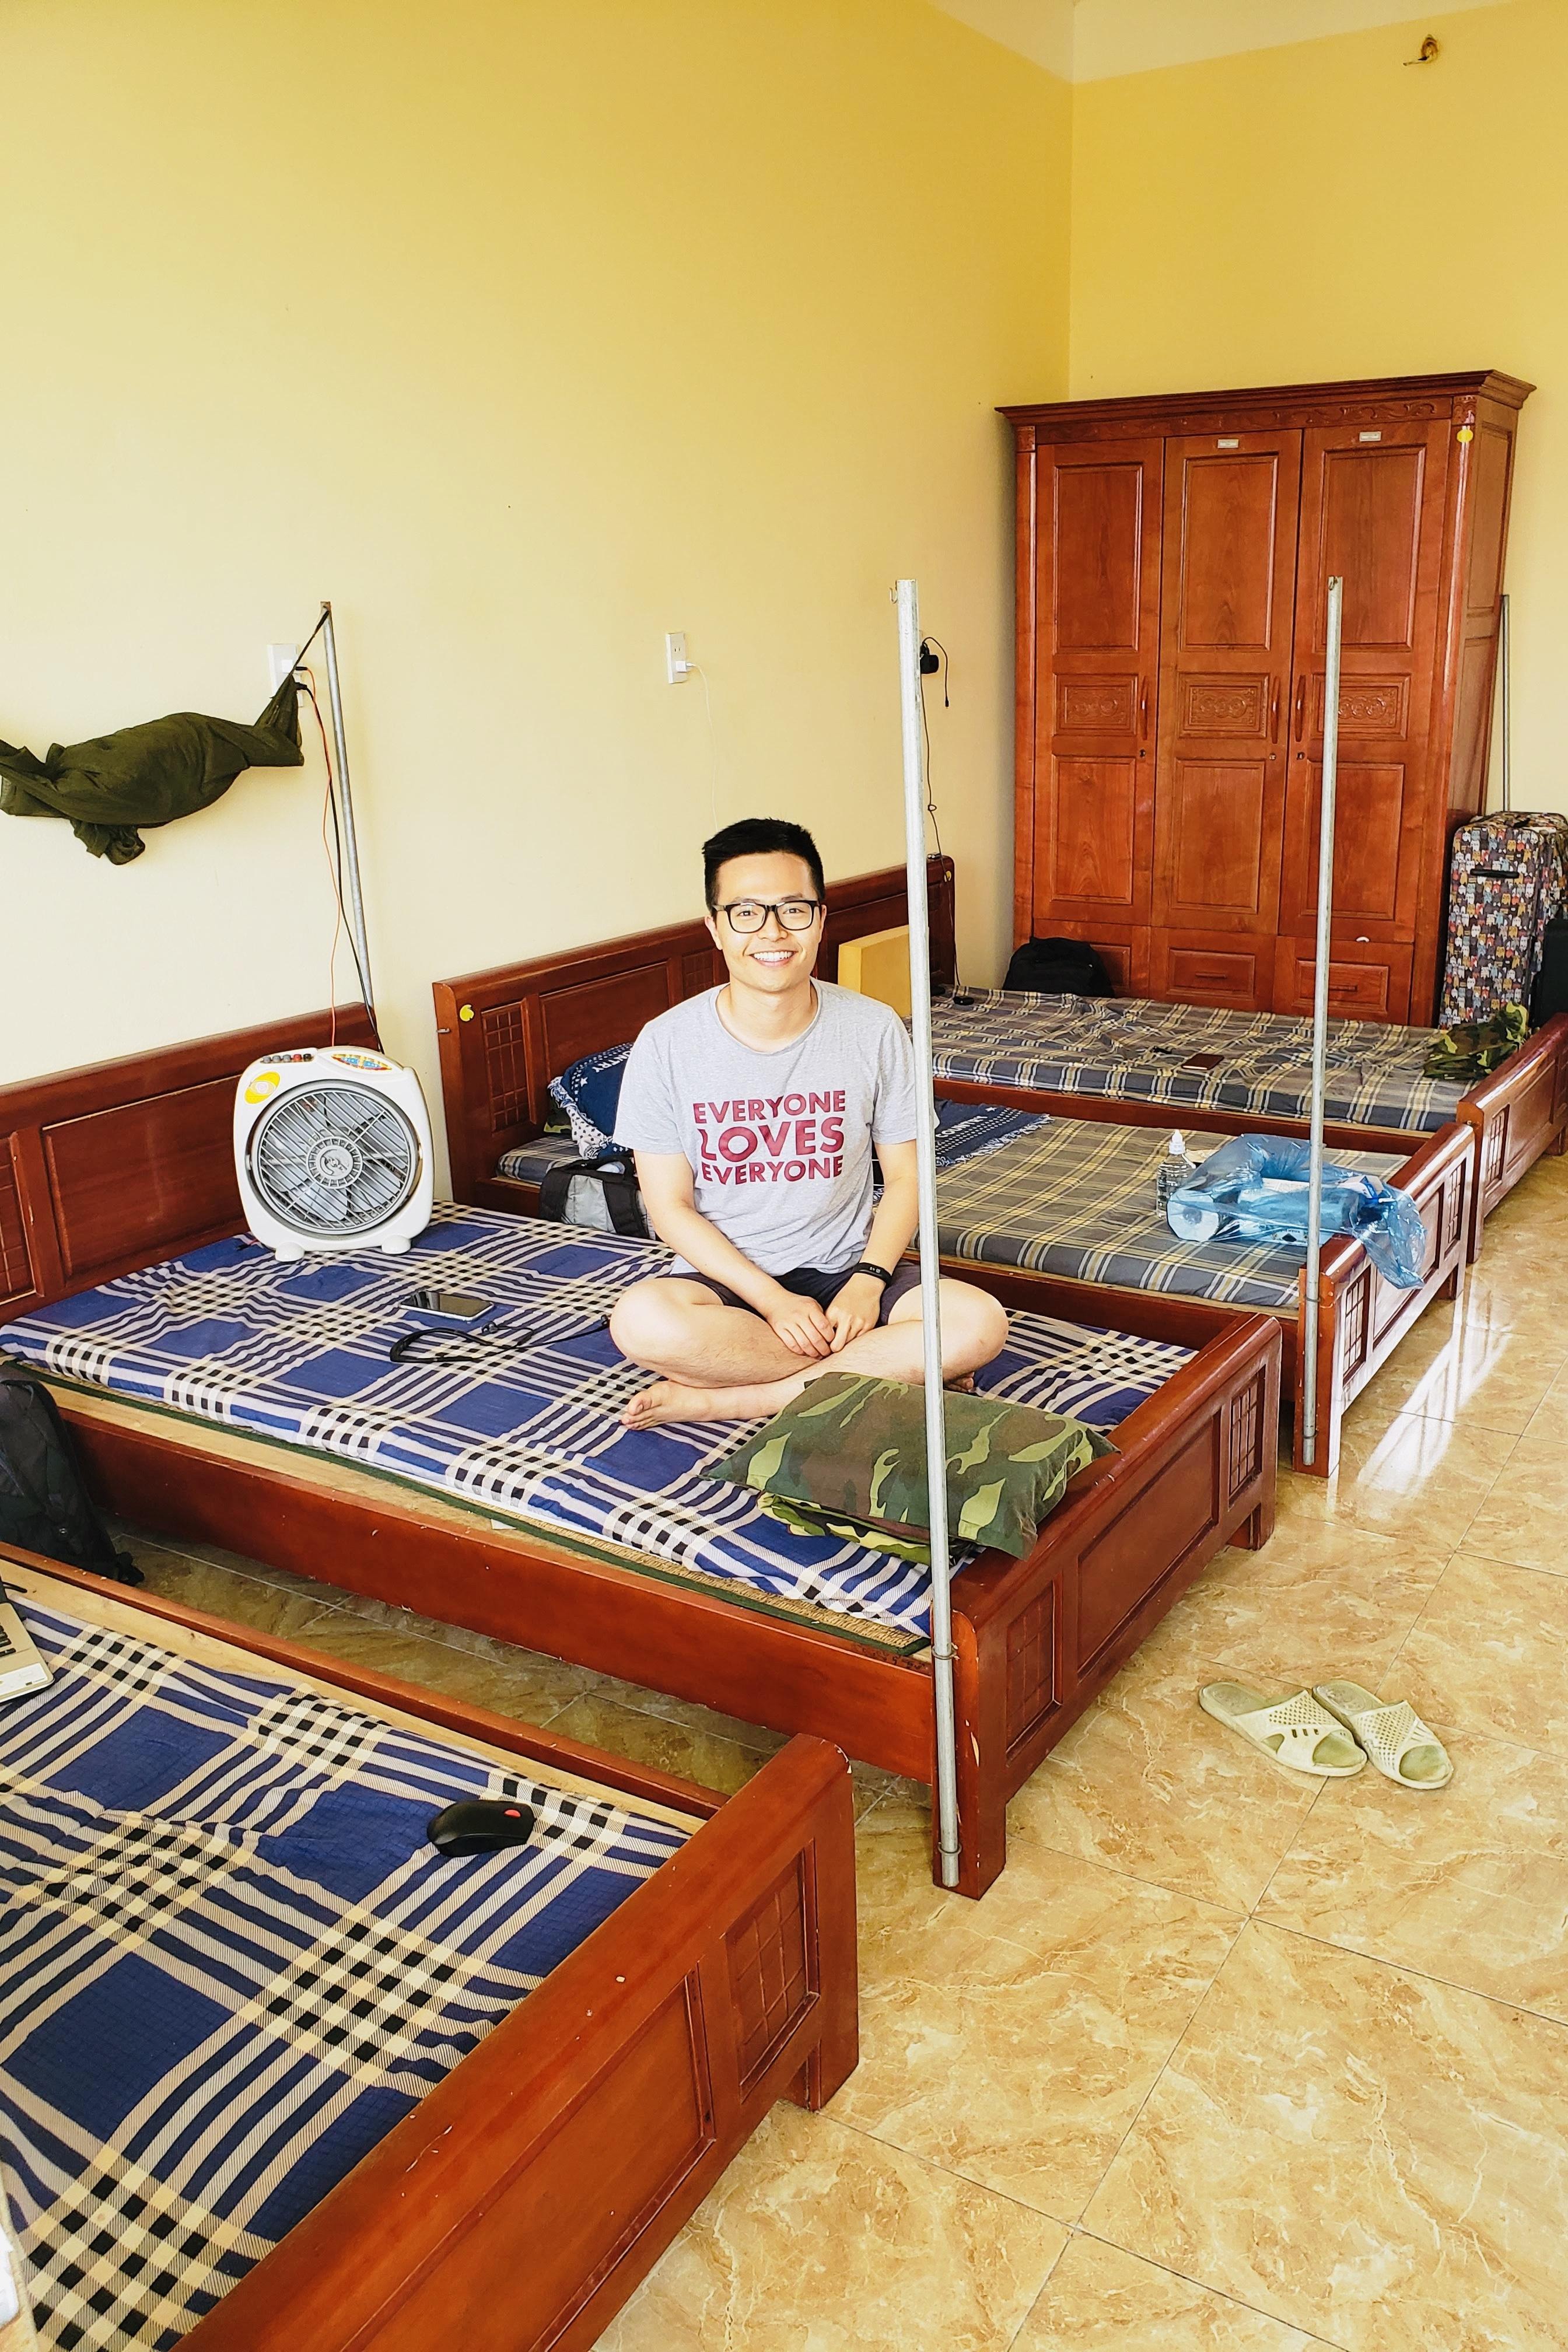 Cựu du học sinh Việt tại Mỹ: Buồn chán, đơn độc, mắc bệnh mất ngủ mùa dịch - 11